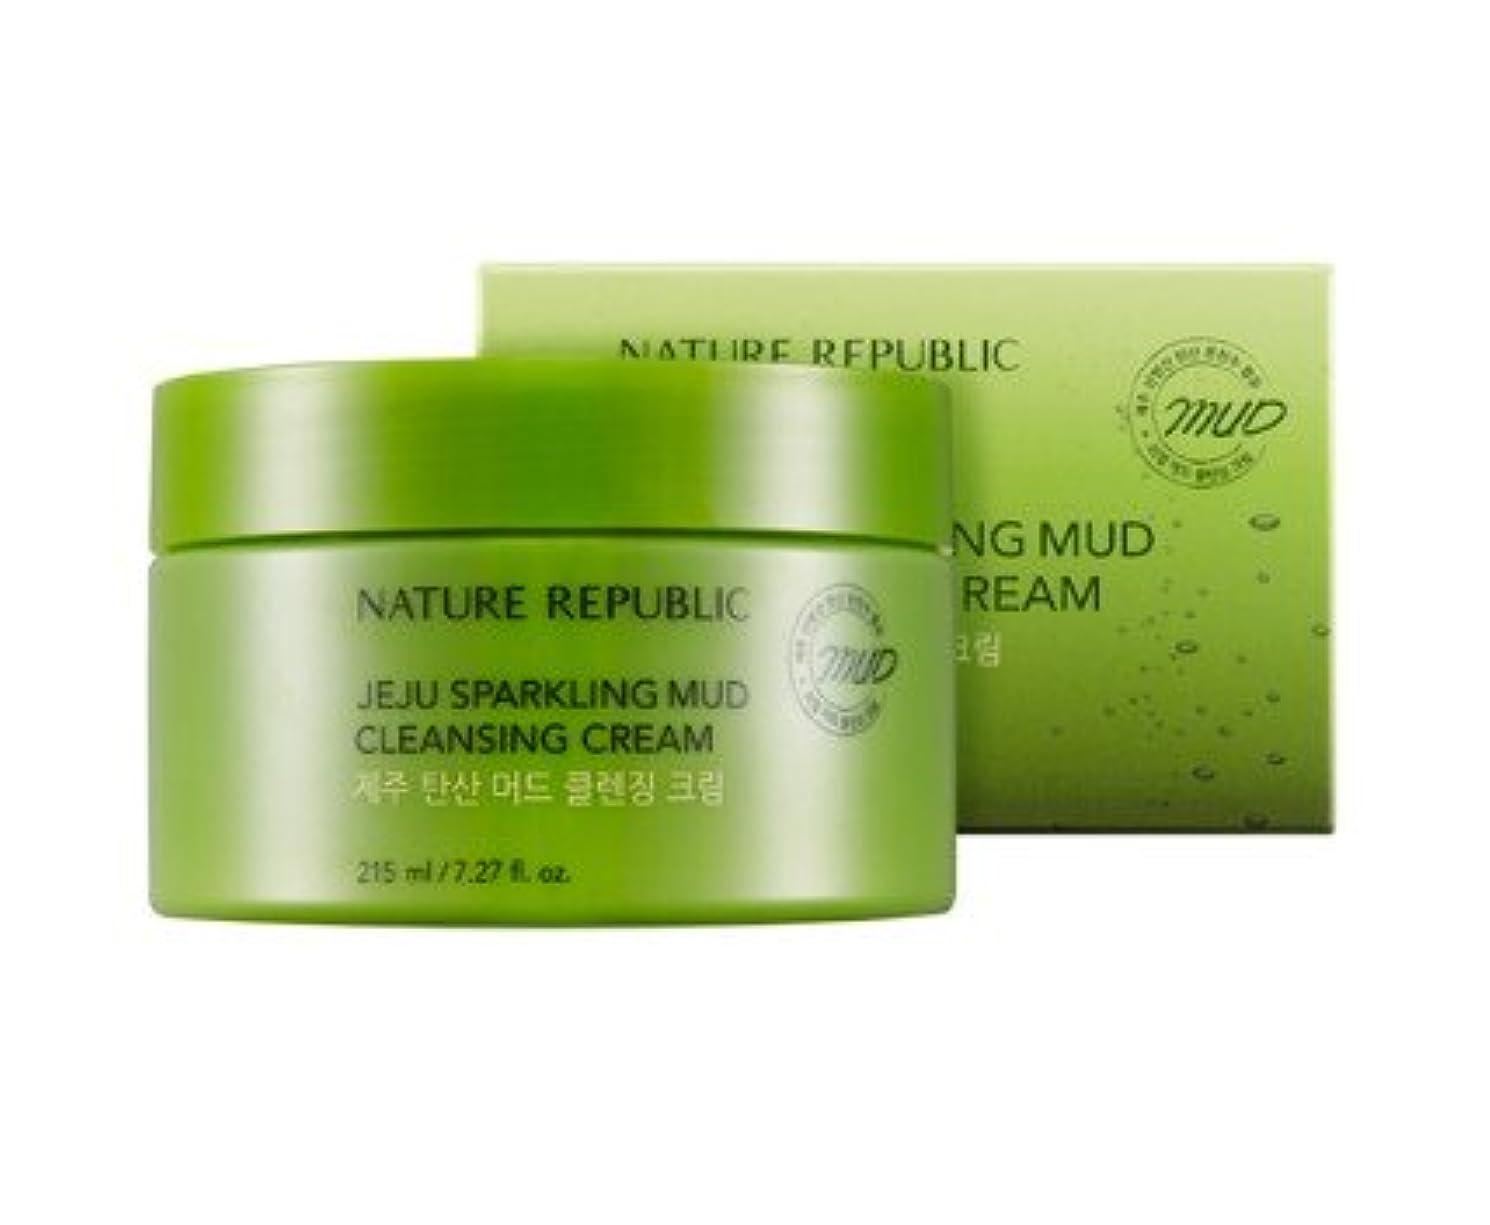 二度影響ハントNature republic Jeju Sparkling Mud Cleansing Cream ネイチャーリパブリック チェジュ炭酸マッド クレンジングクリーム 215ML [並行輸入品]